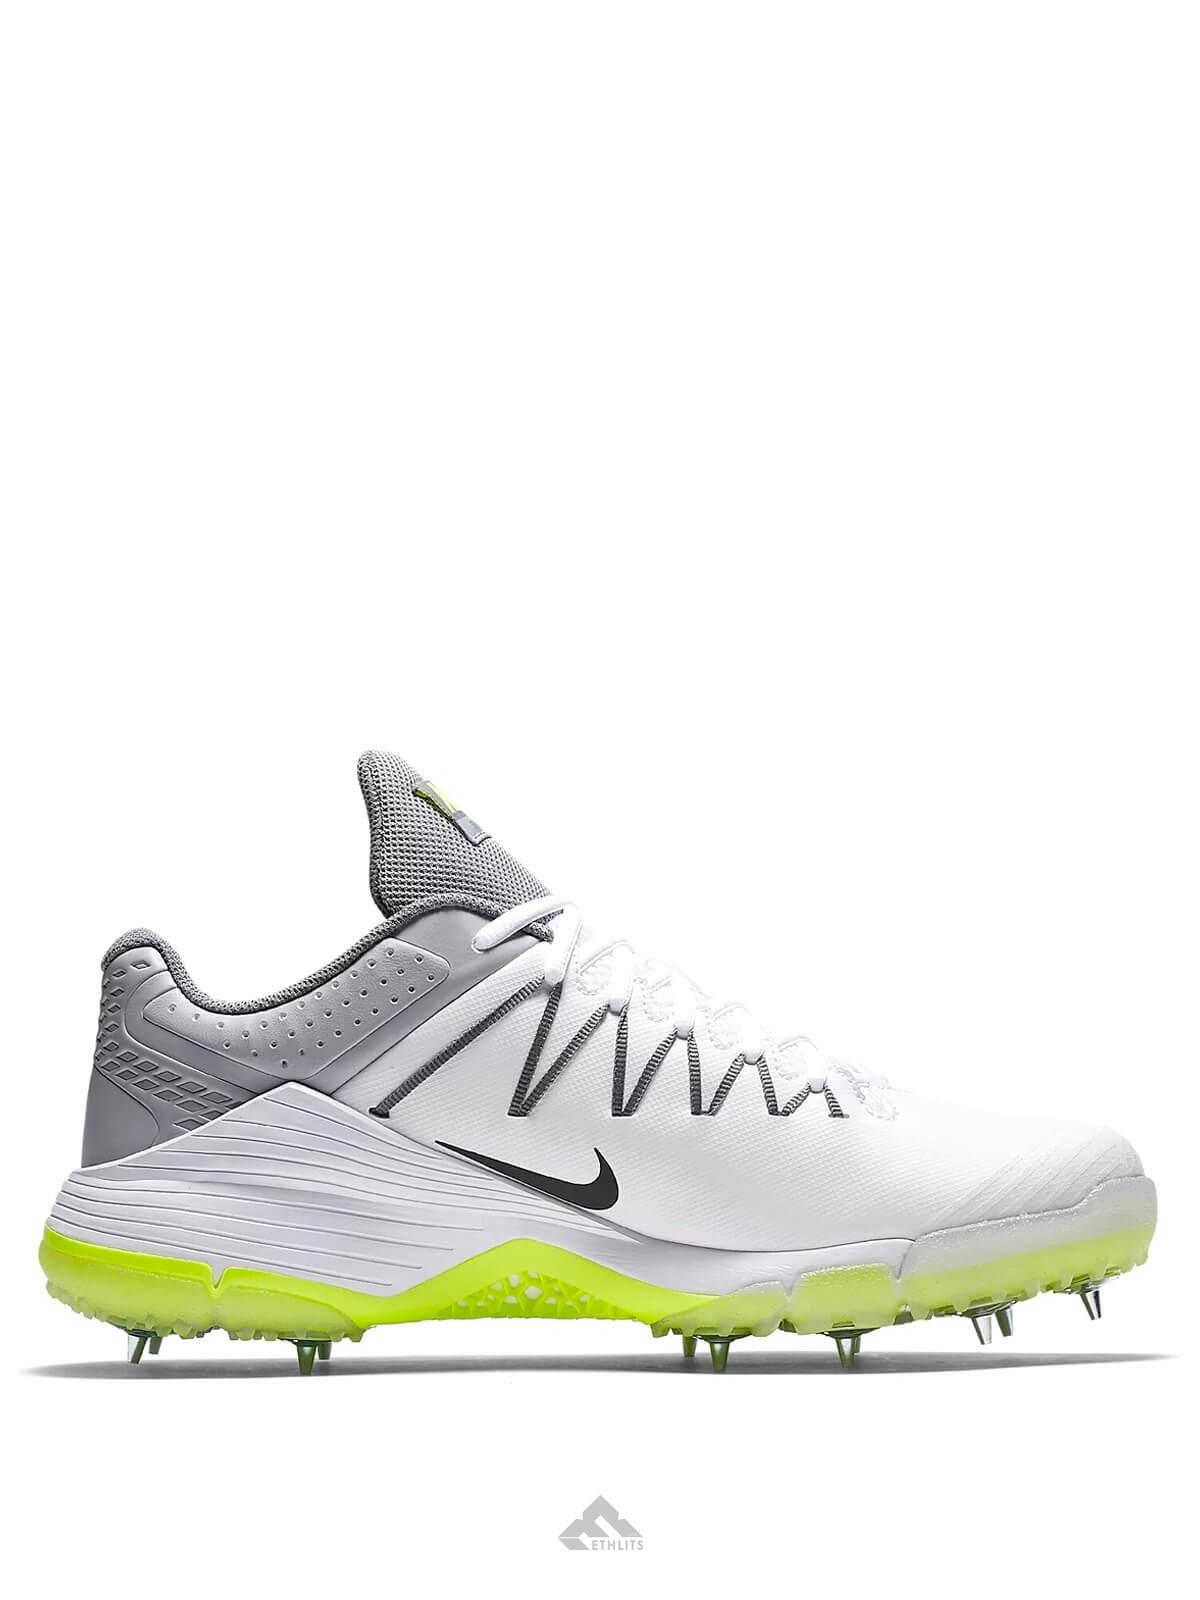 repliche vendita economica nuovo prodotto Buy Nike Domain 2 White/Wolf Grey Cricket Spike Shoes Online in ...